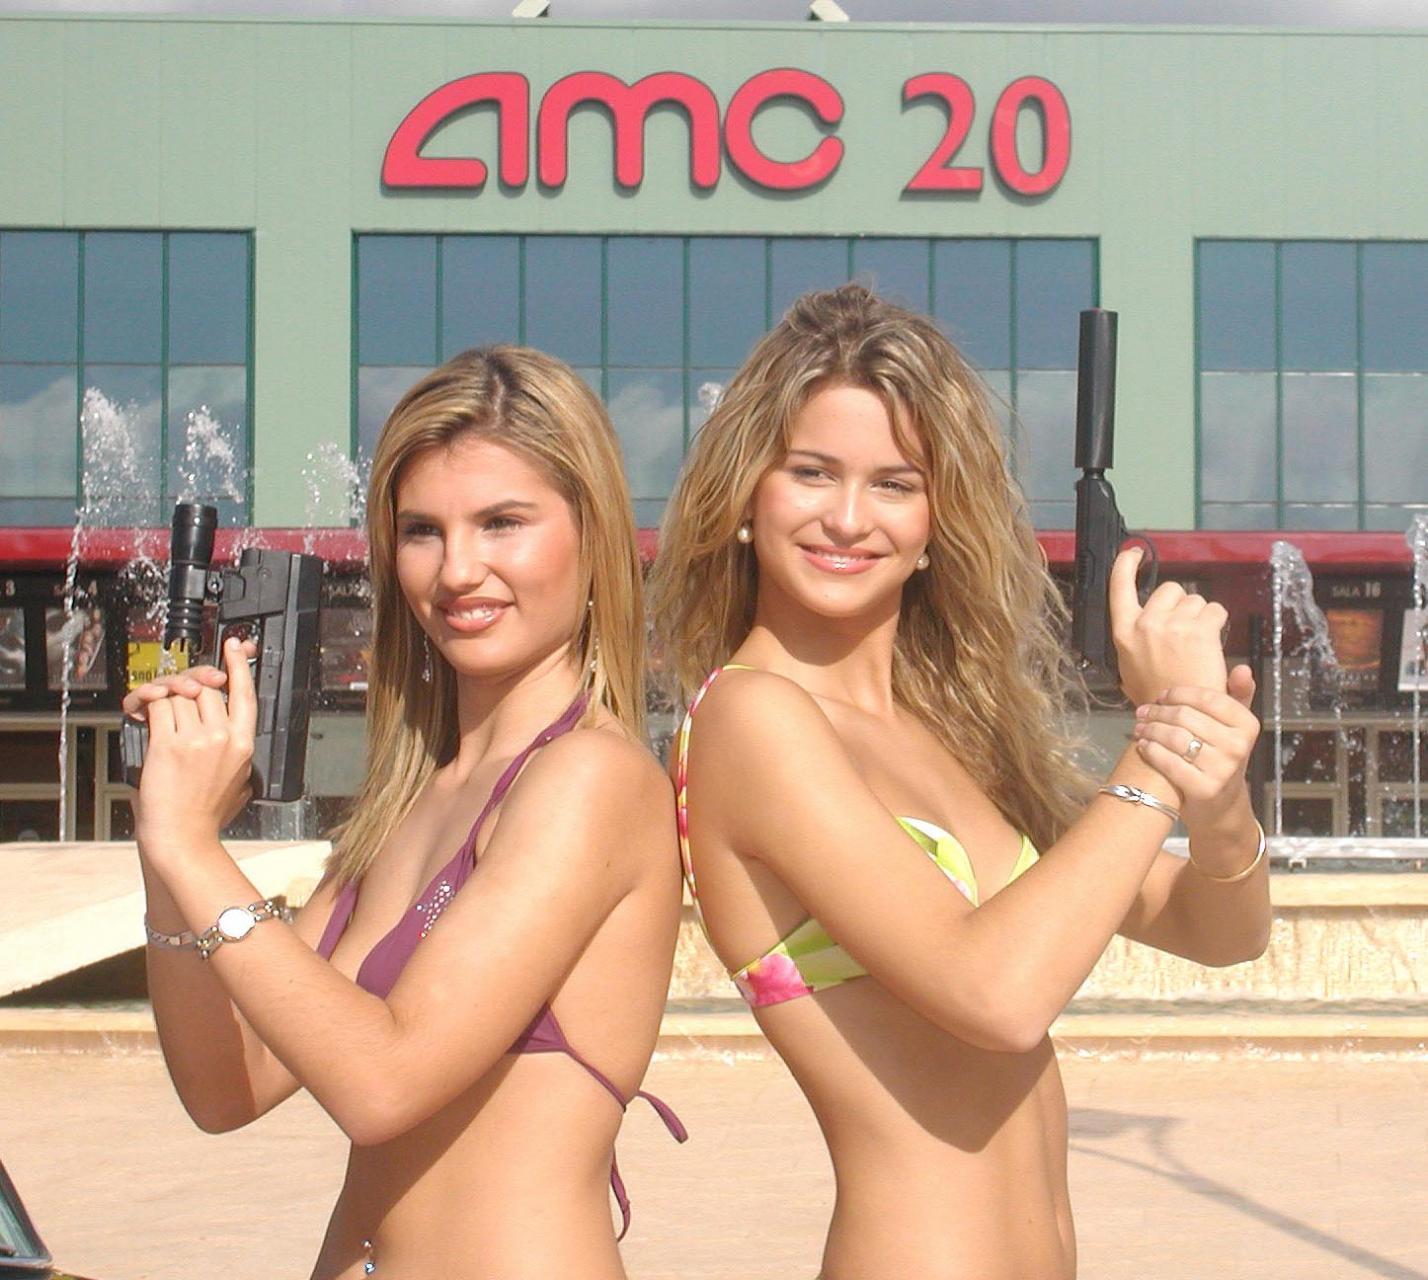 CHICAS QUE PODRIAN SER PROTAGONISTAS DE CUALQUIER FILM DE JAMES BOND 007 JUNTO A UN ASTON MARTIN